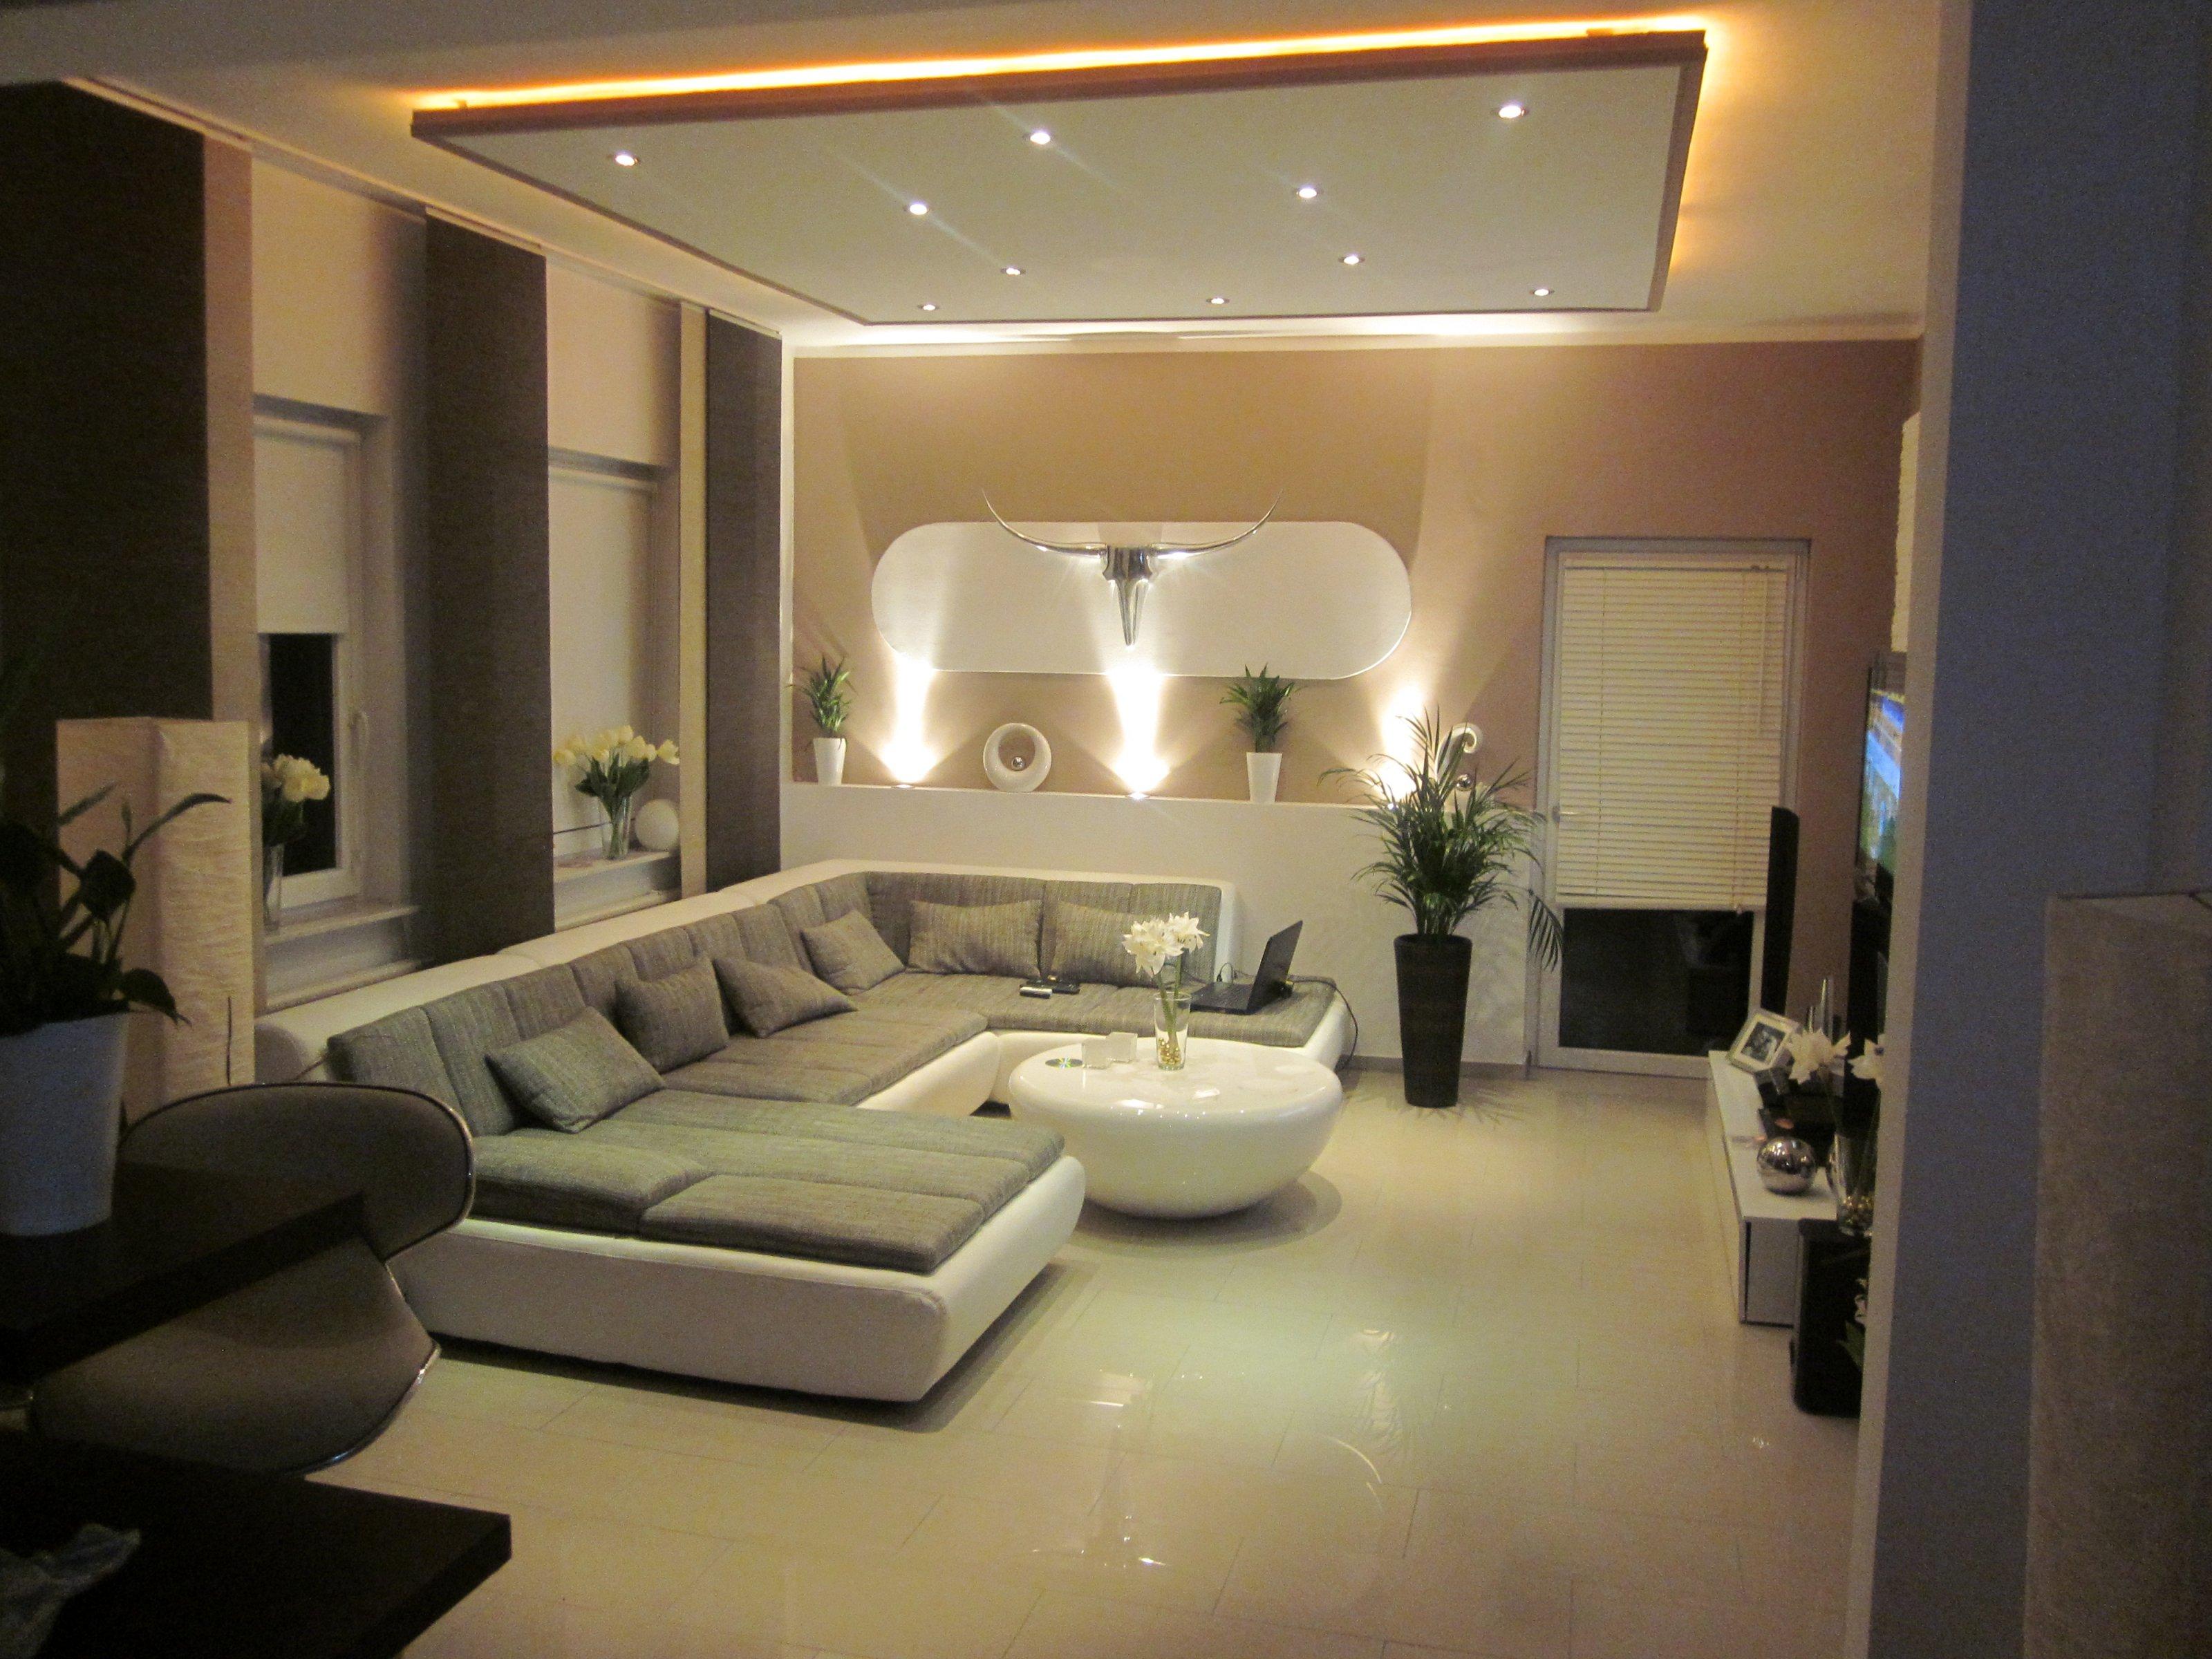 Wohnzimmer \'Wohnzimmer / Küche\' - Mein Domizil - Zimmerschau